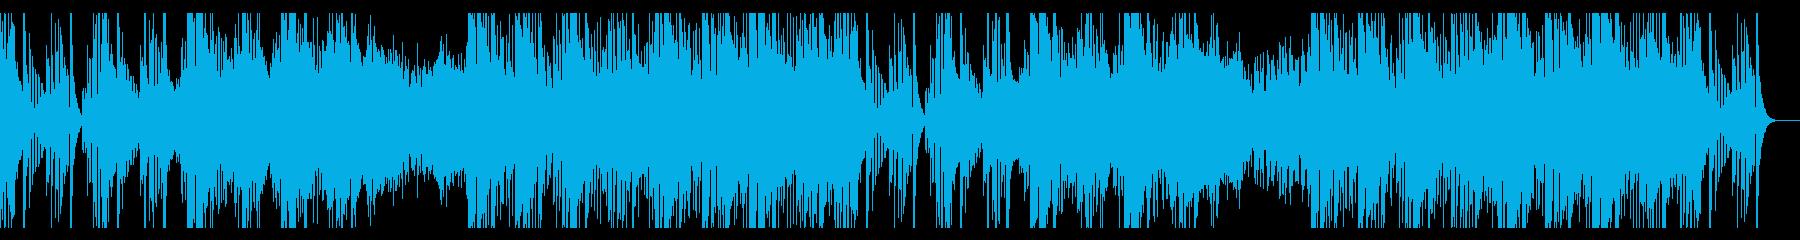 ゲームのボス戦の前の緊張感ある楽曲の再生済みの波形